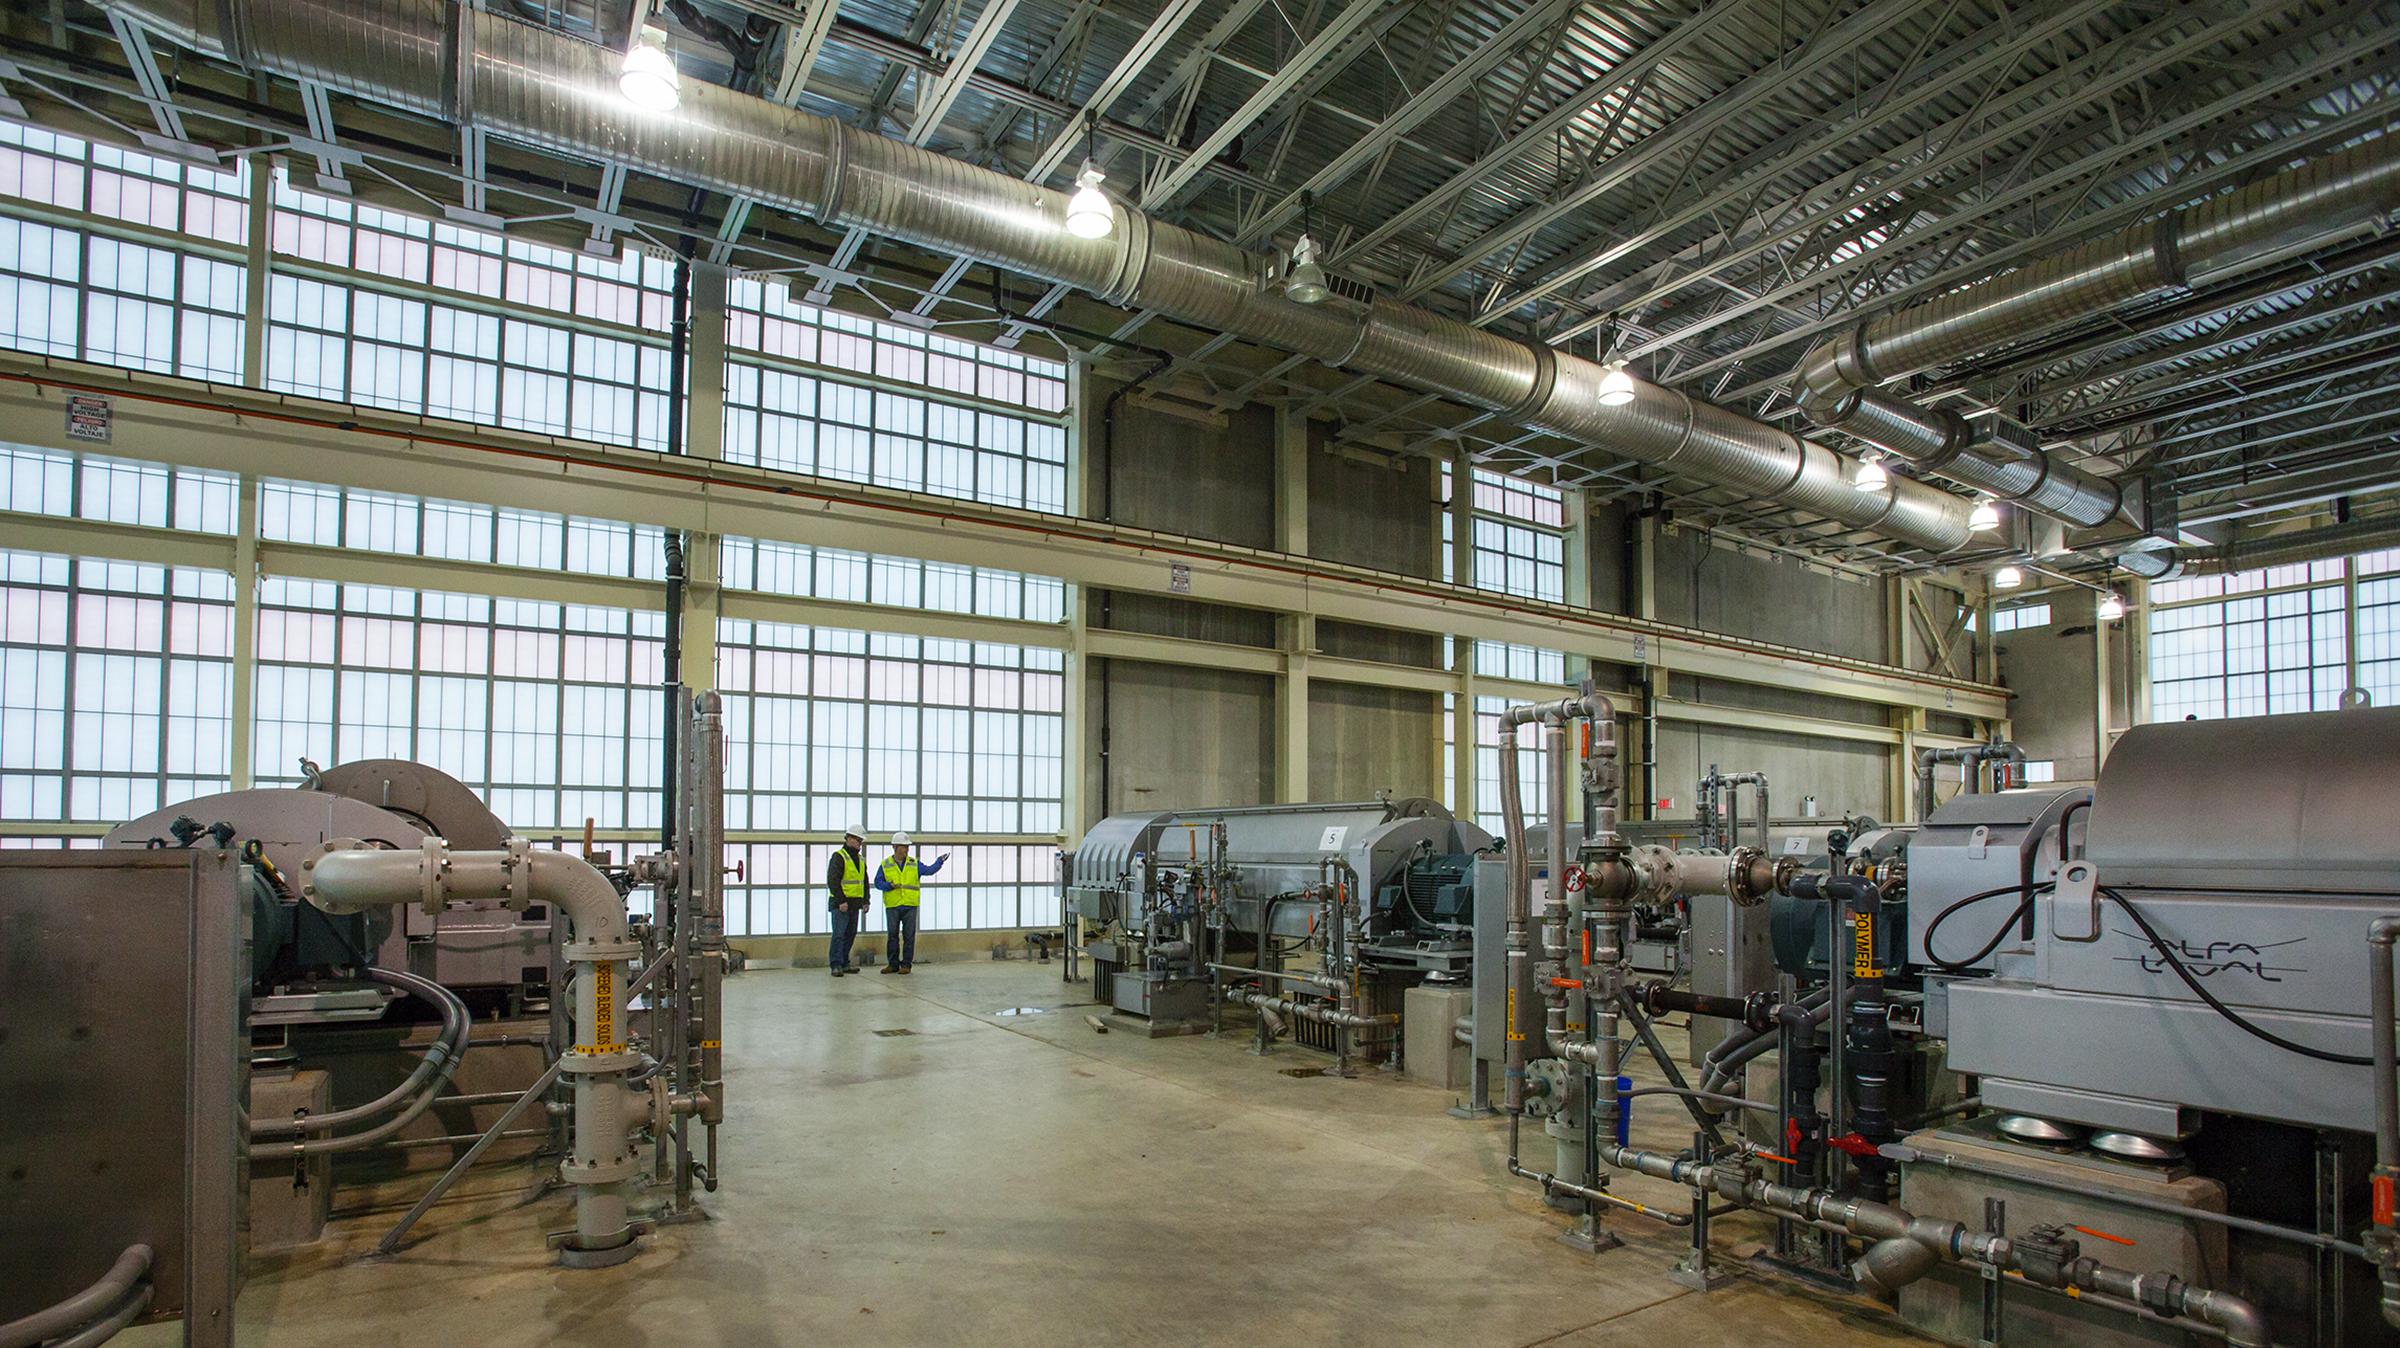 industrial_6954.jpg